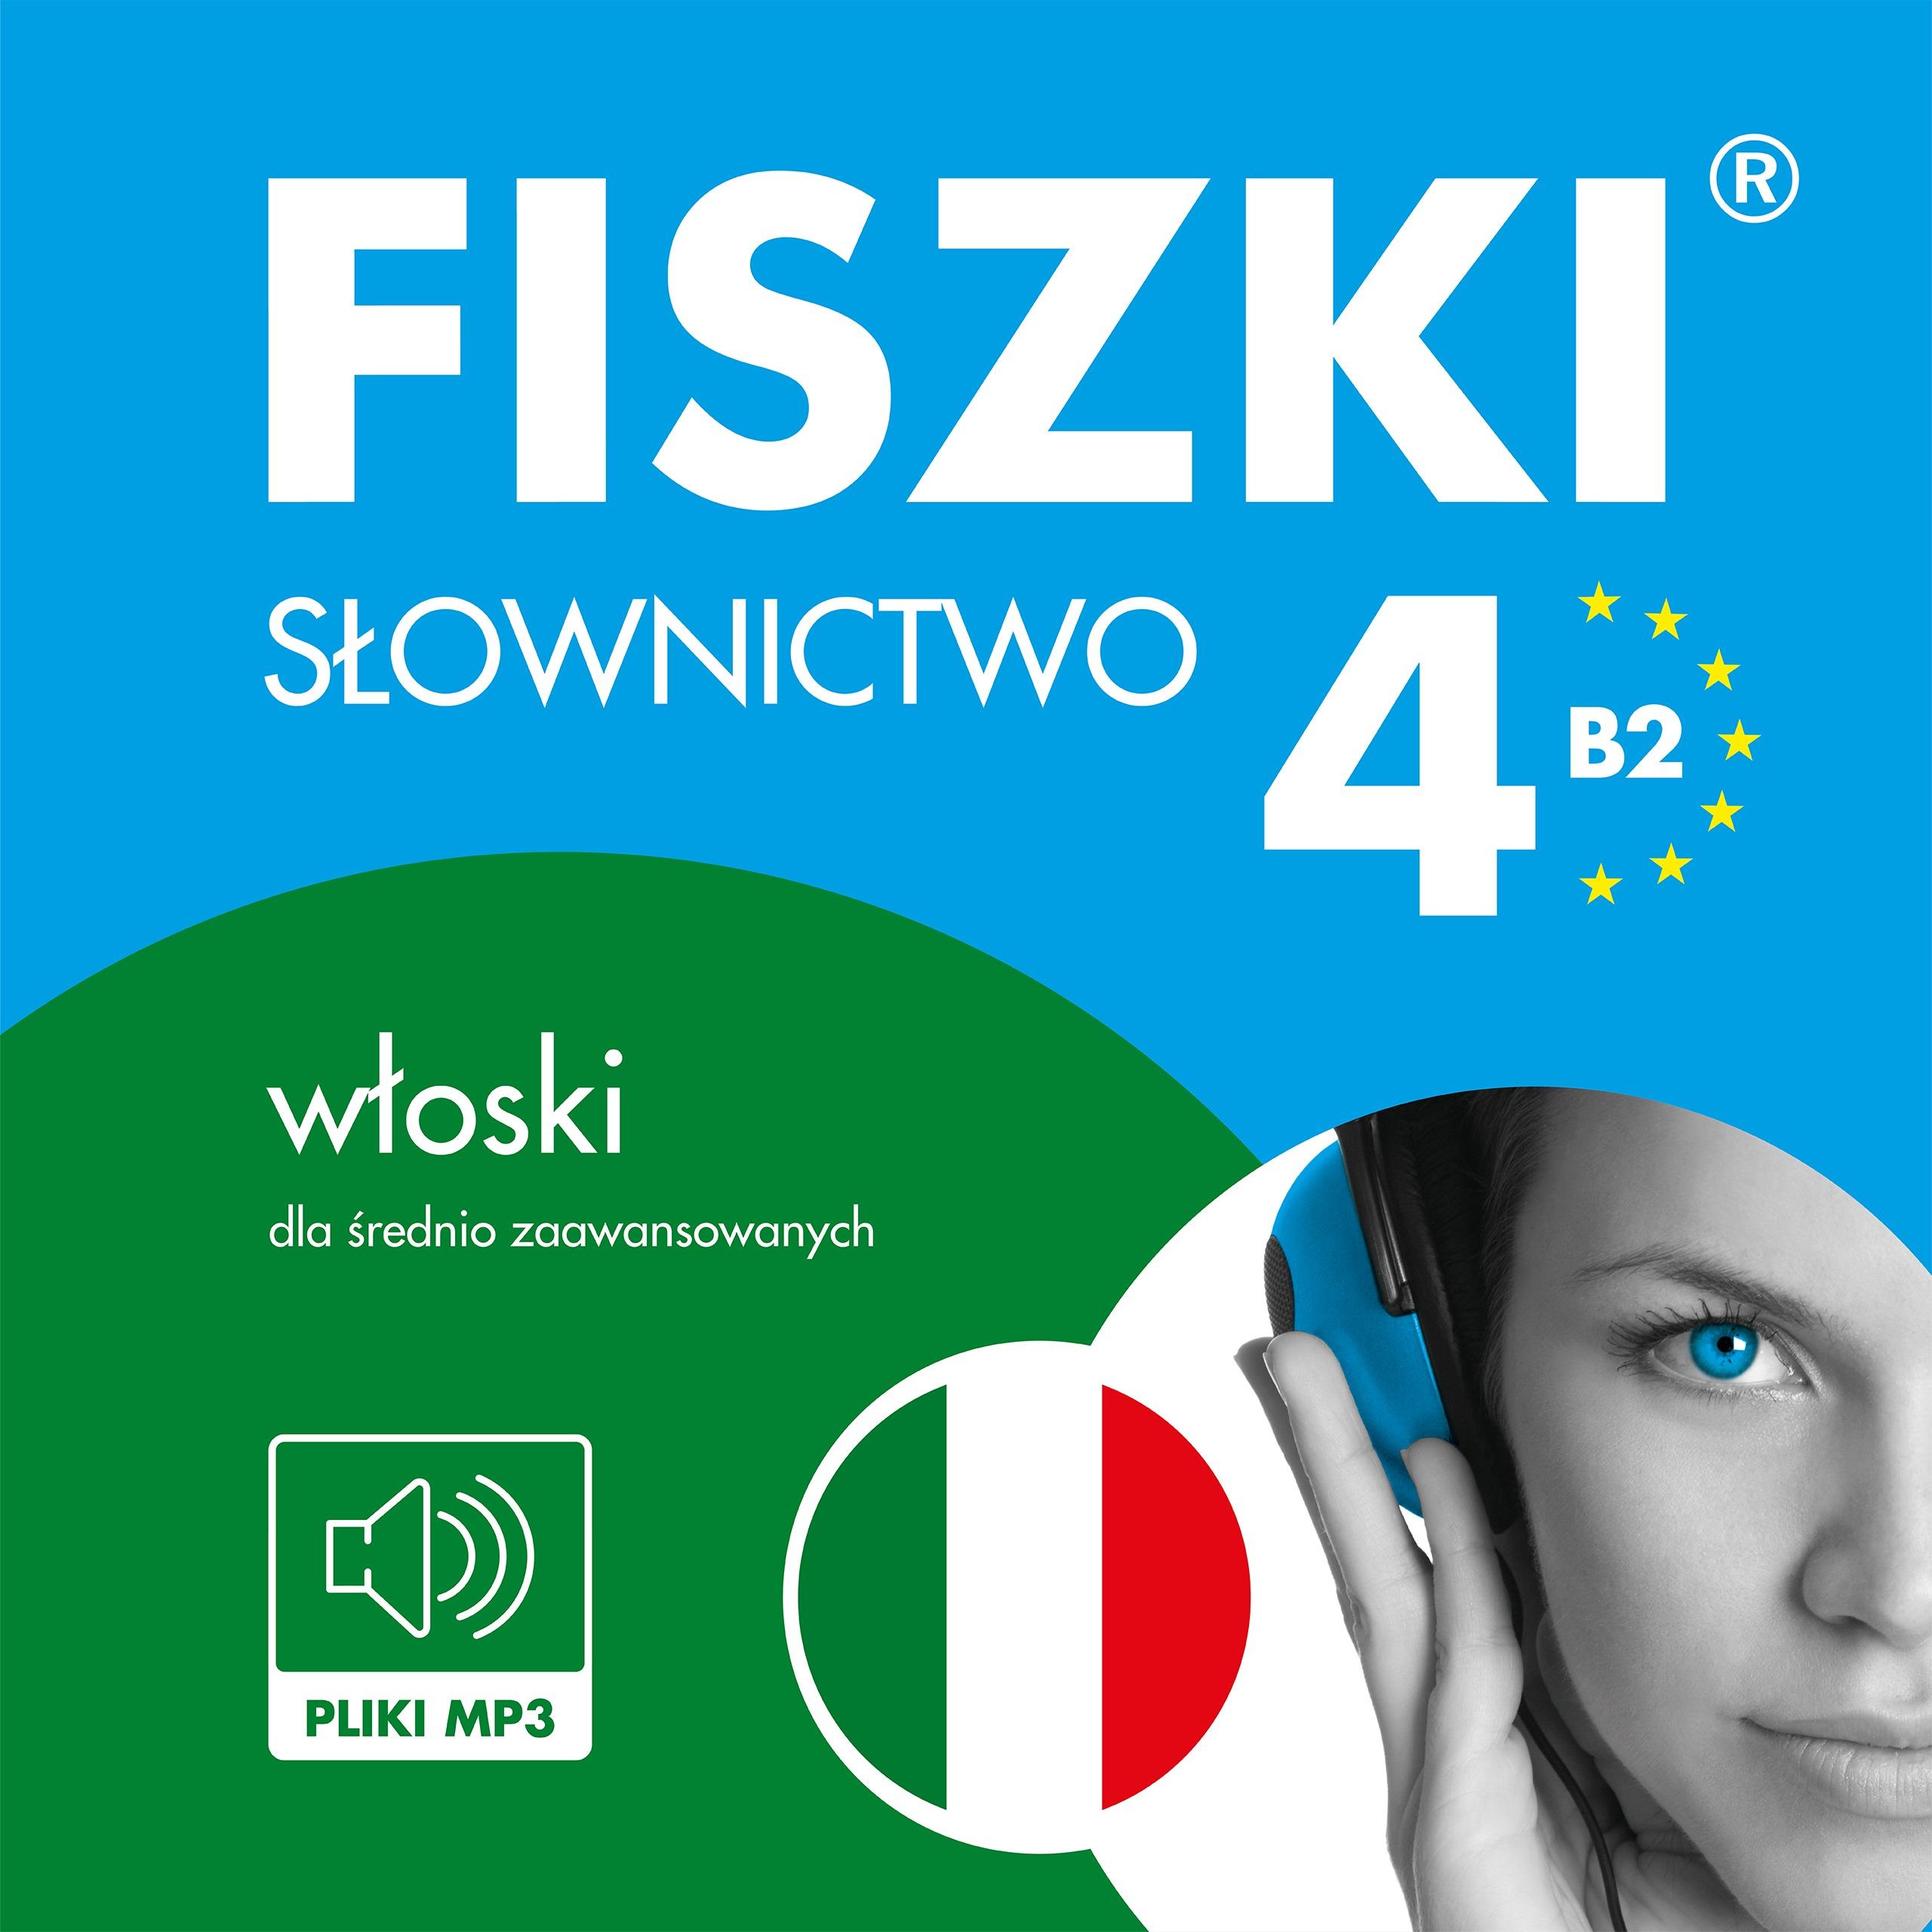 AUDIOBOOK - włoski - Słownictwo 4 (B2)